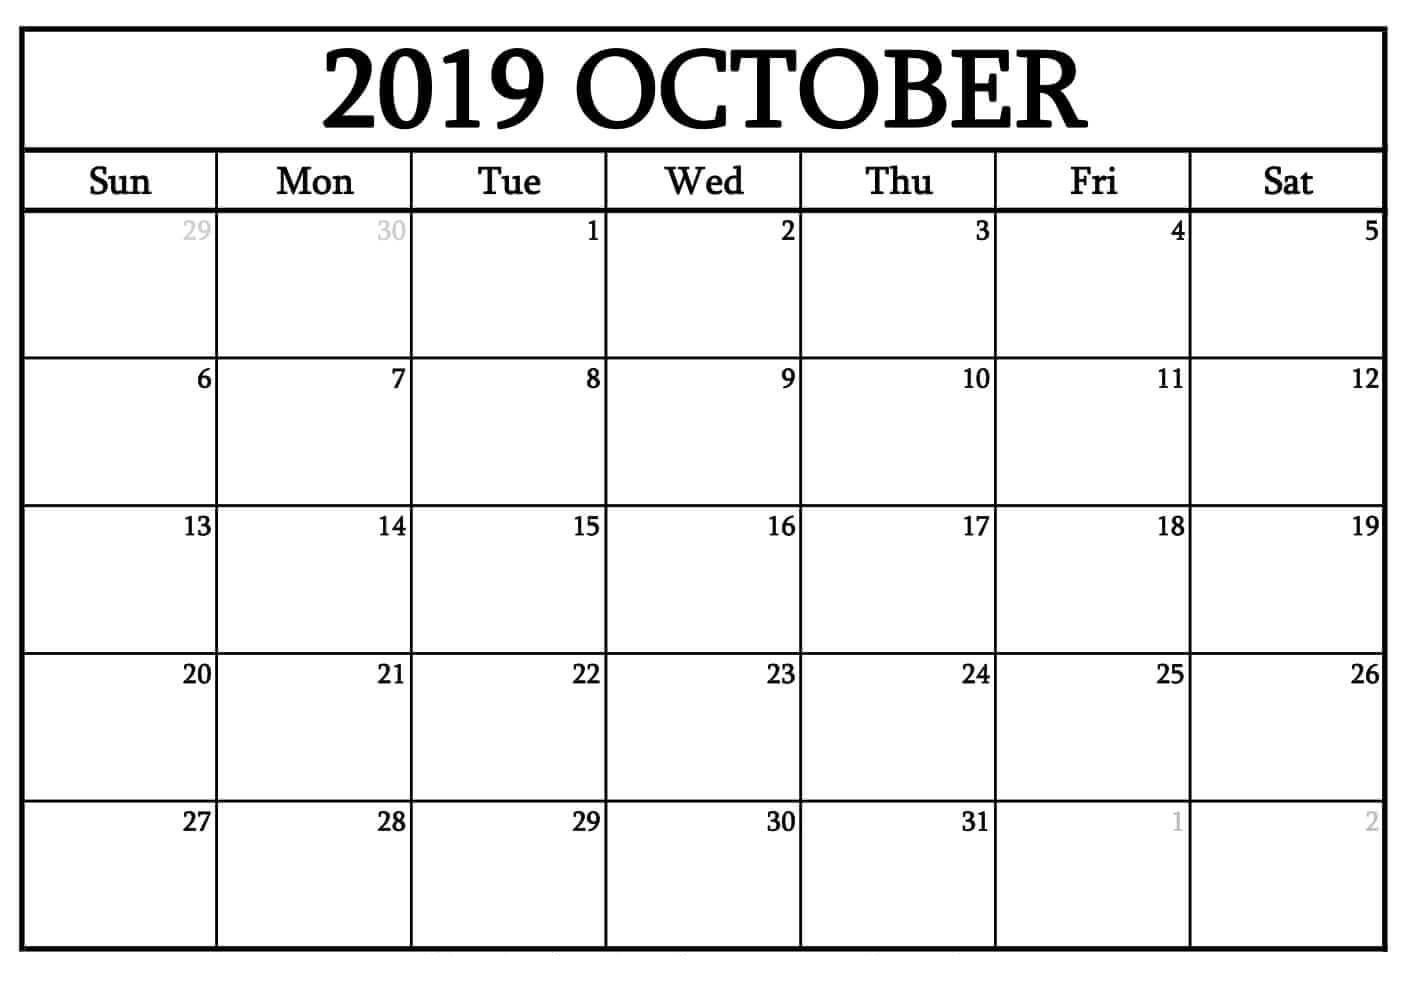 Blank October 2019 Calendar Word Free Printable Calendar Blank Calendar Templates Pdf Excel Word Doc Calendar 2019 Printable Calendar Word Editable Calendar